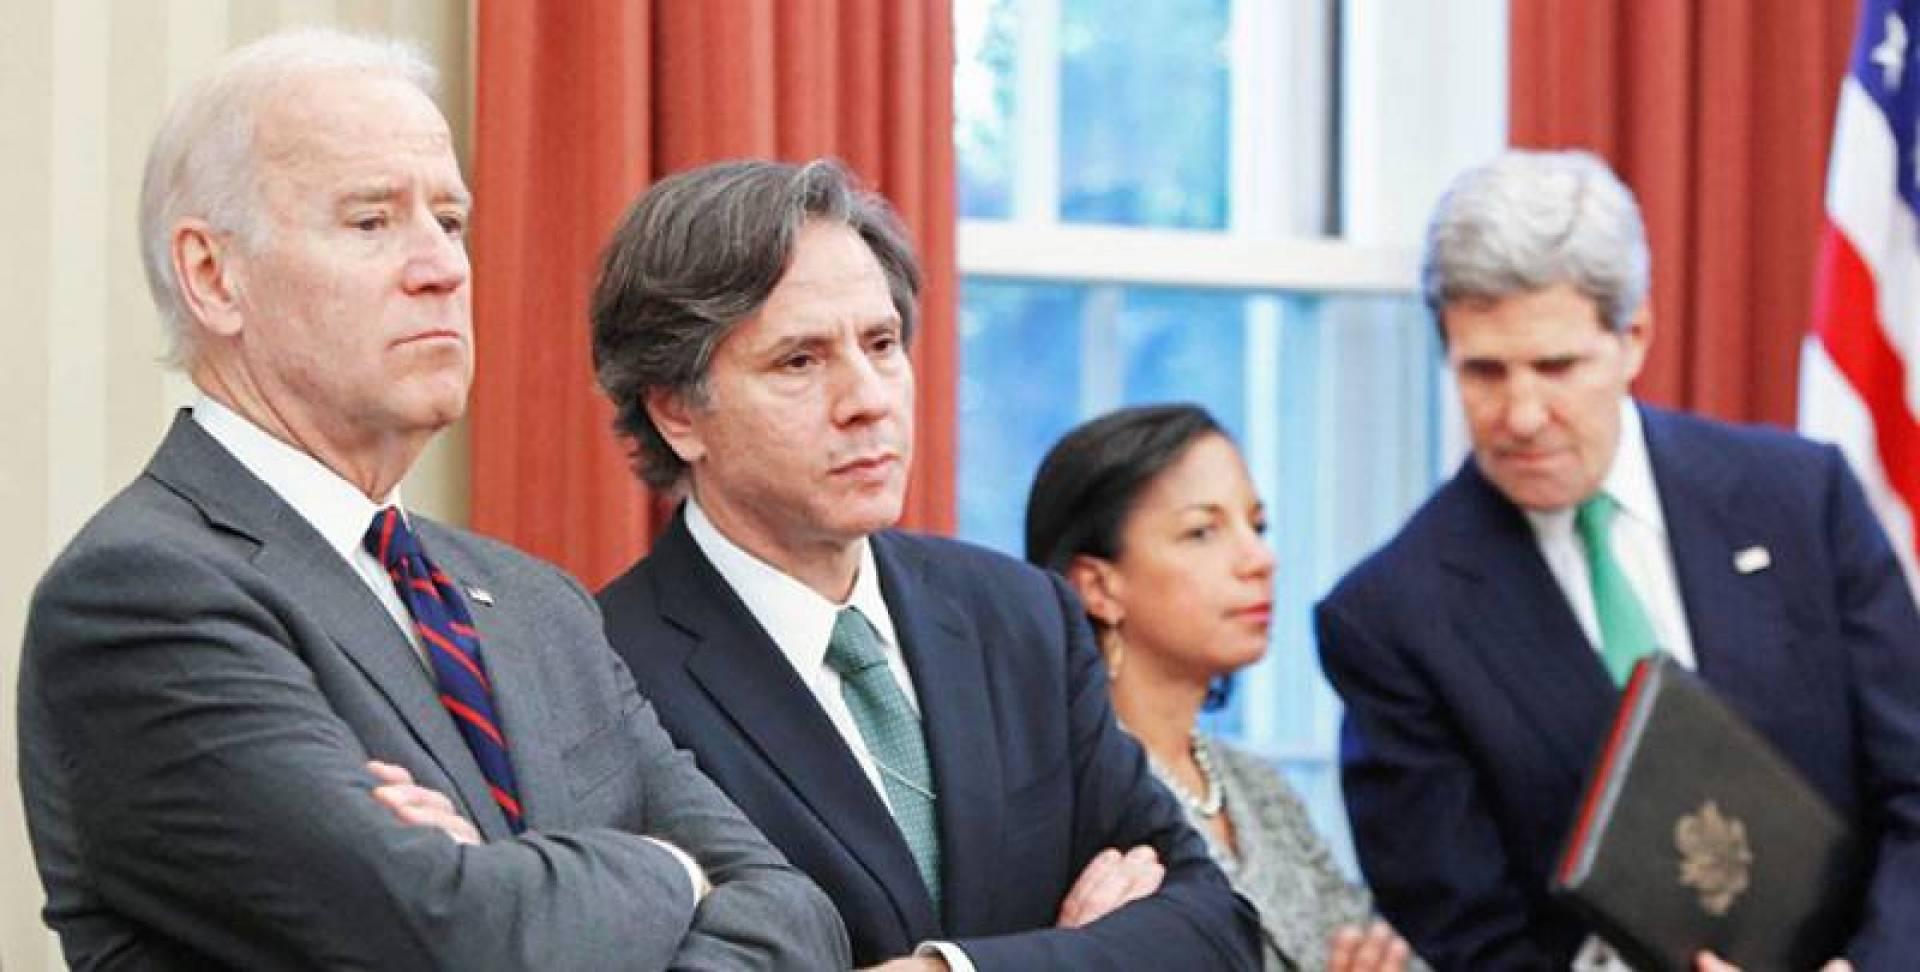 بايدن وبلينكن ورايس وكيري في صورة عام 2013 في البيت الأبيض (رويترز)